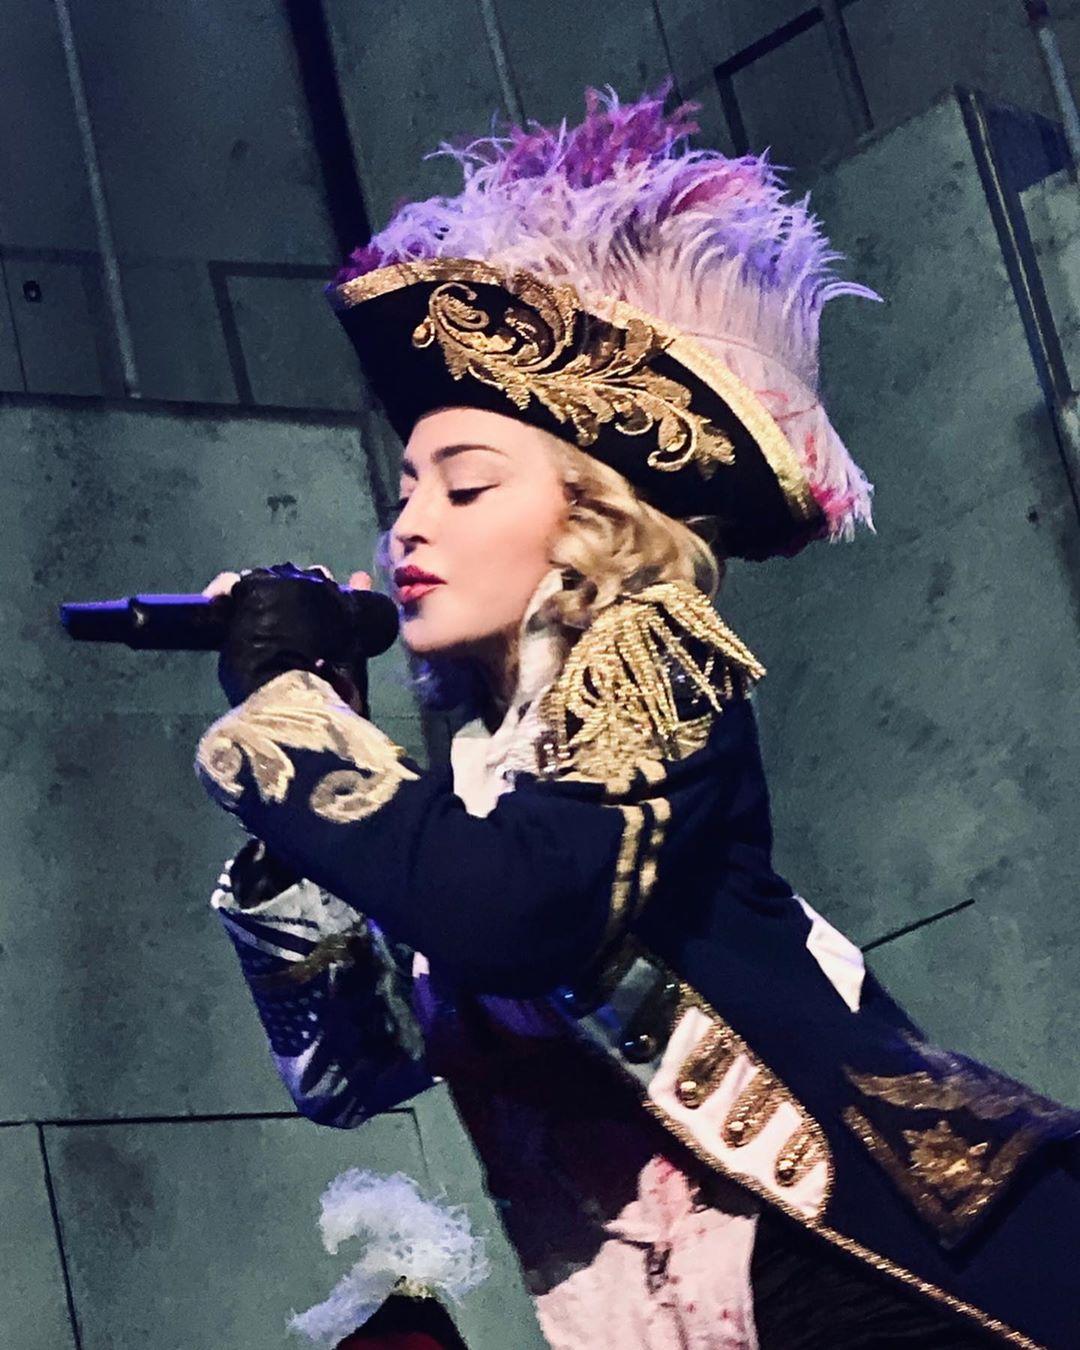 Η Madonna λέει ότι ο κορονοϊός μας κάνει όλους ίσους